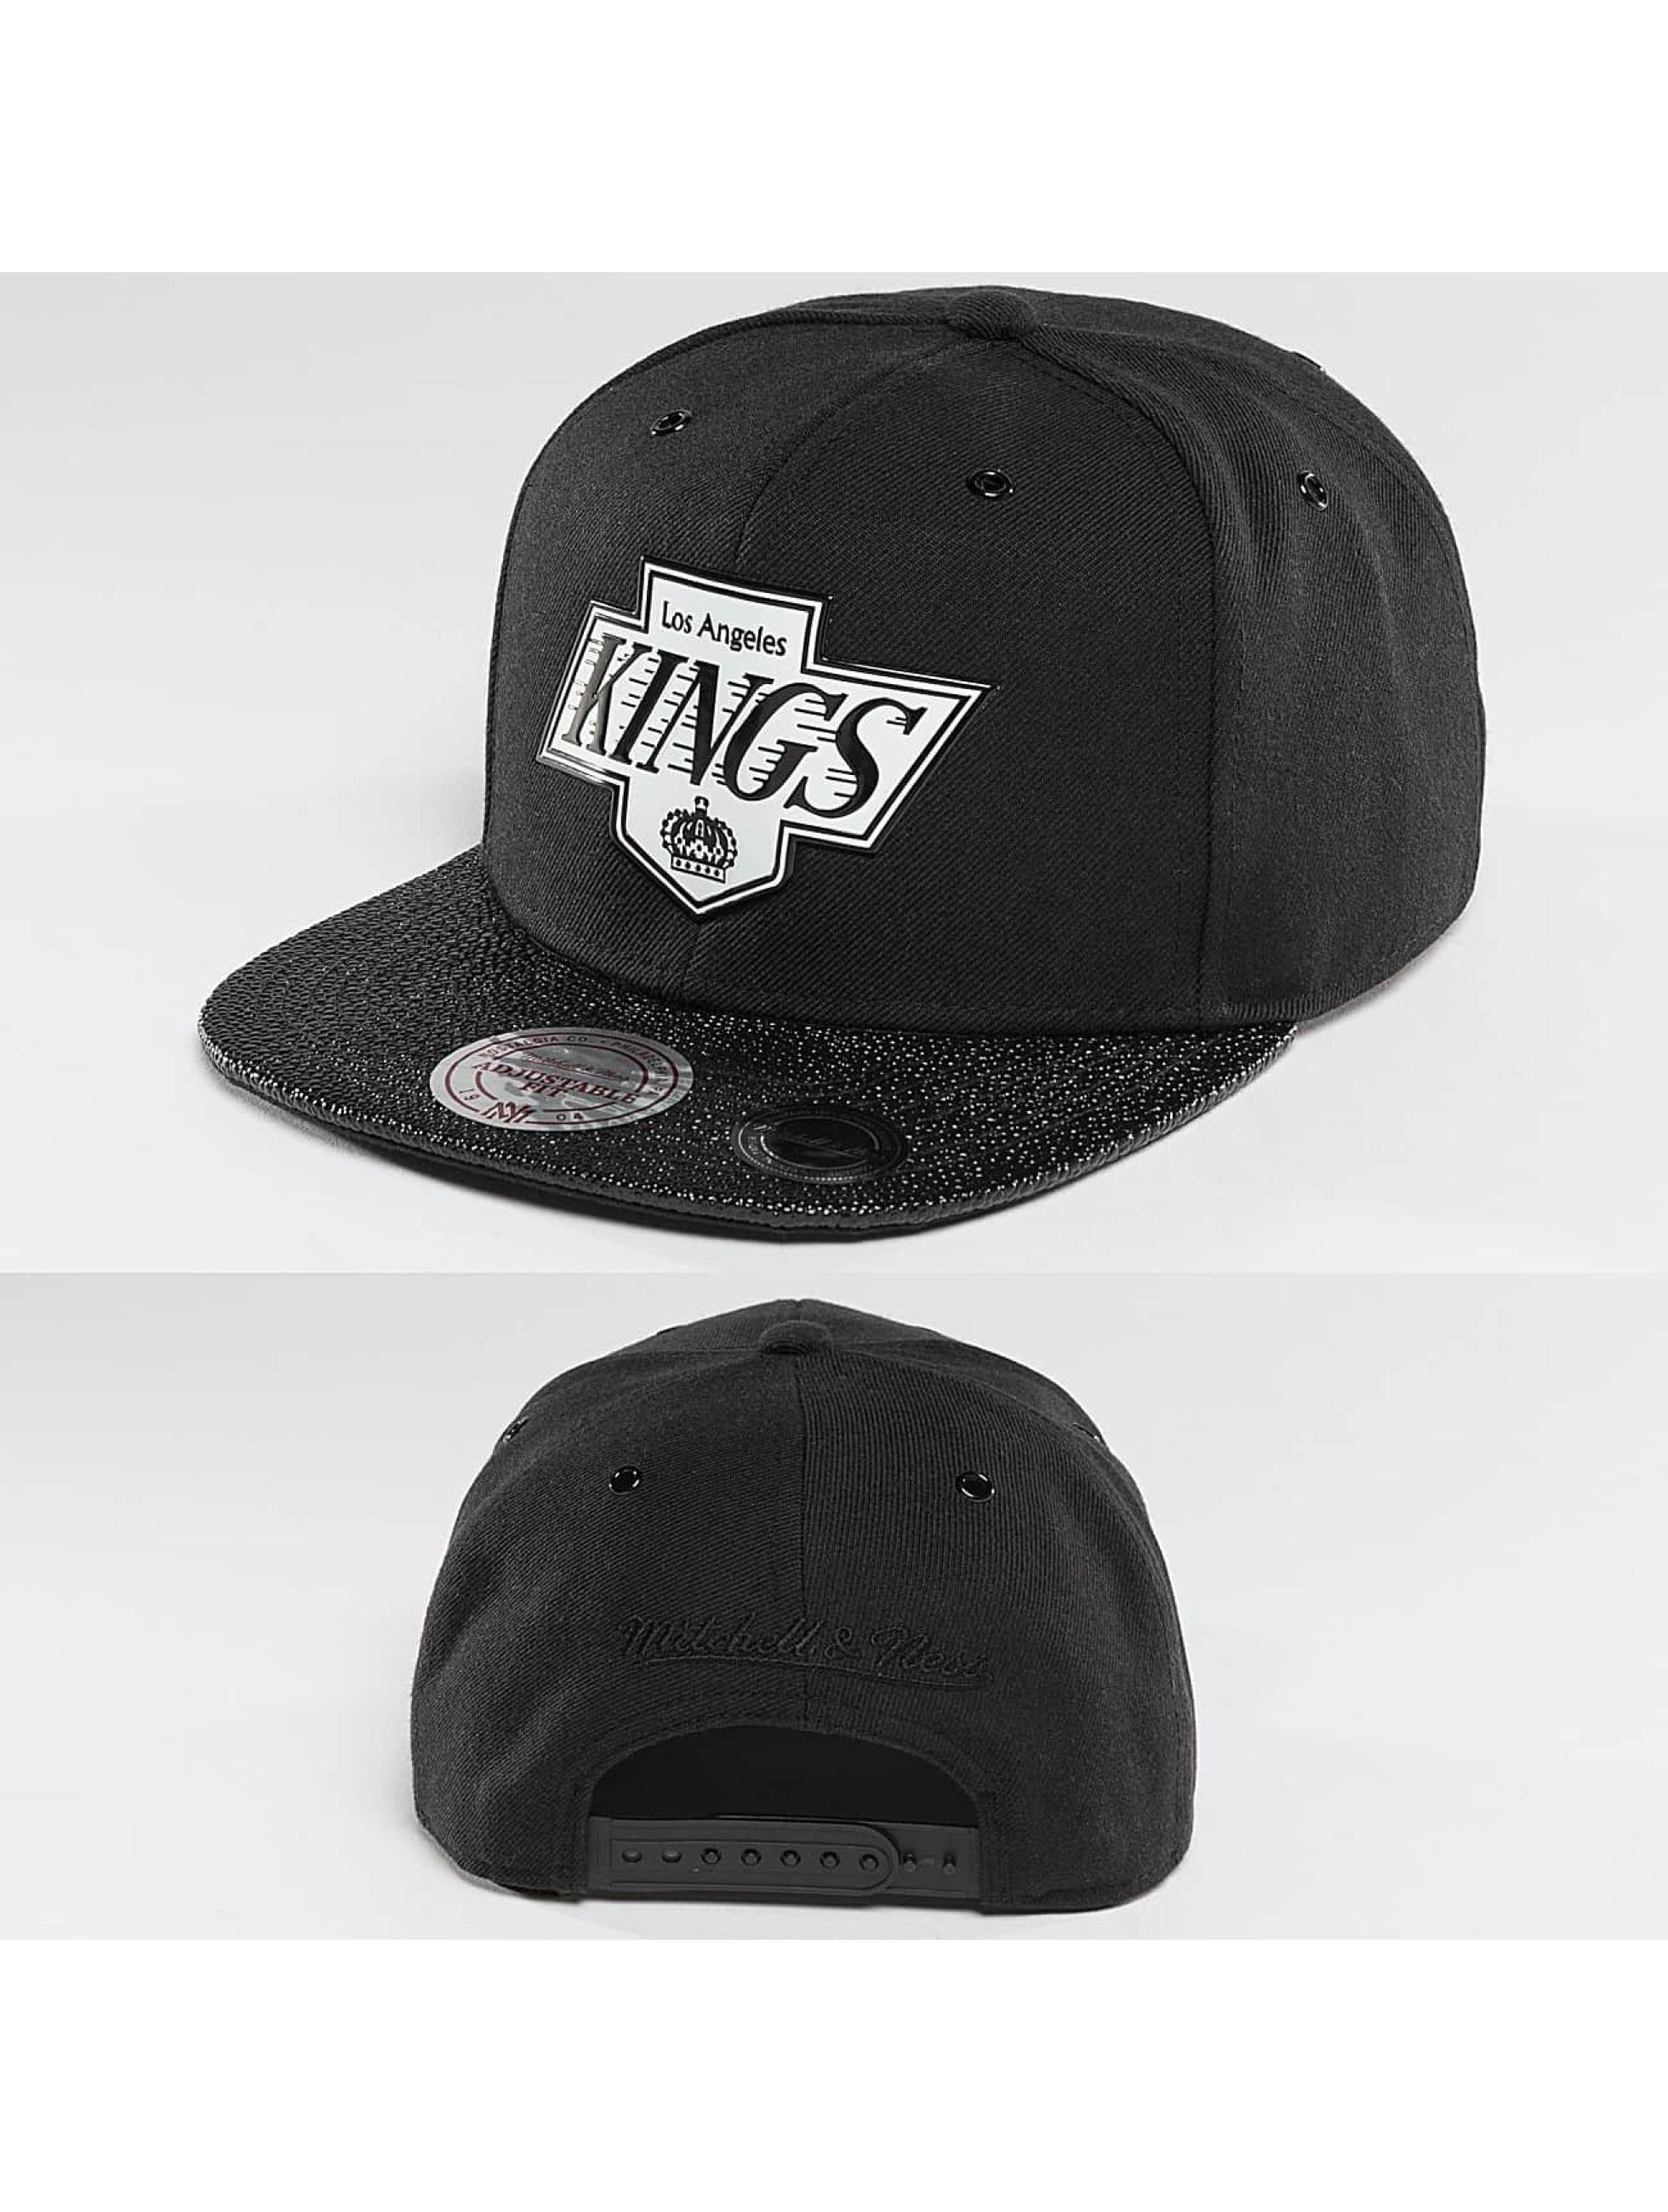 Mitchell & Ness Männer,Frauen Snapback Cap NHL Ultimate LA Kings in schwarz